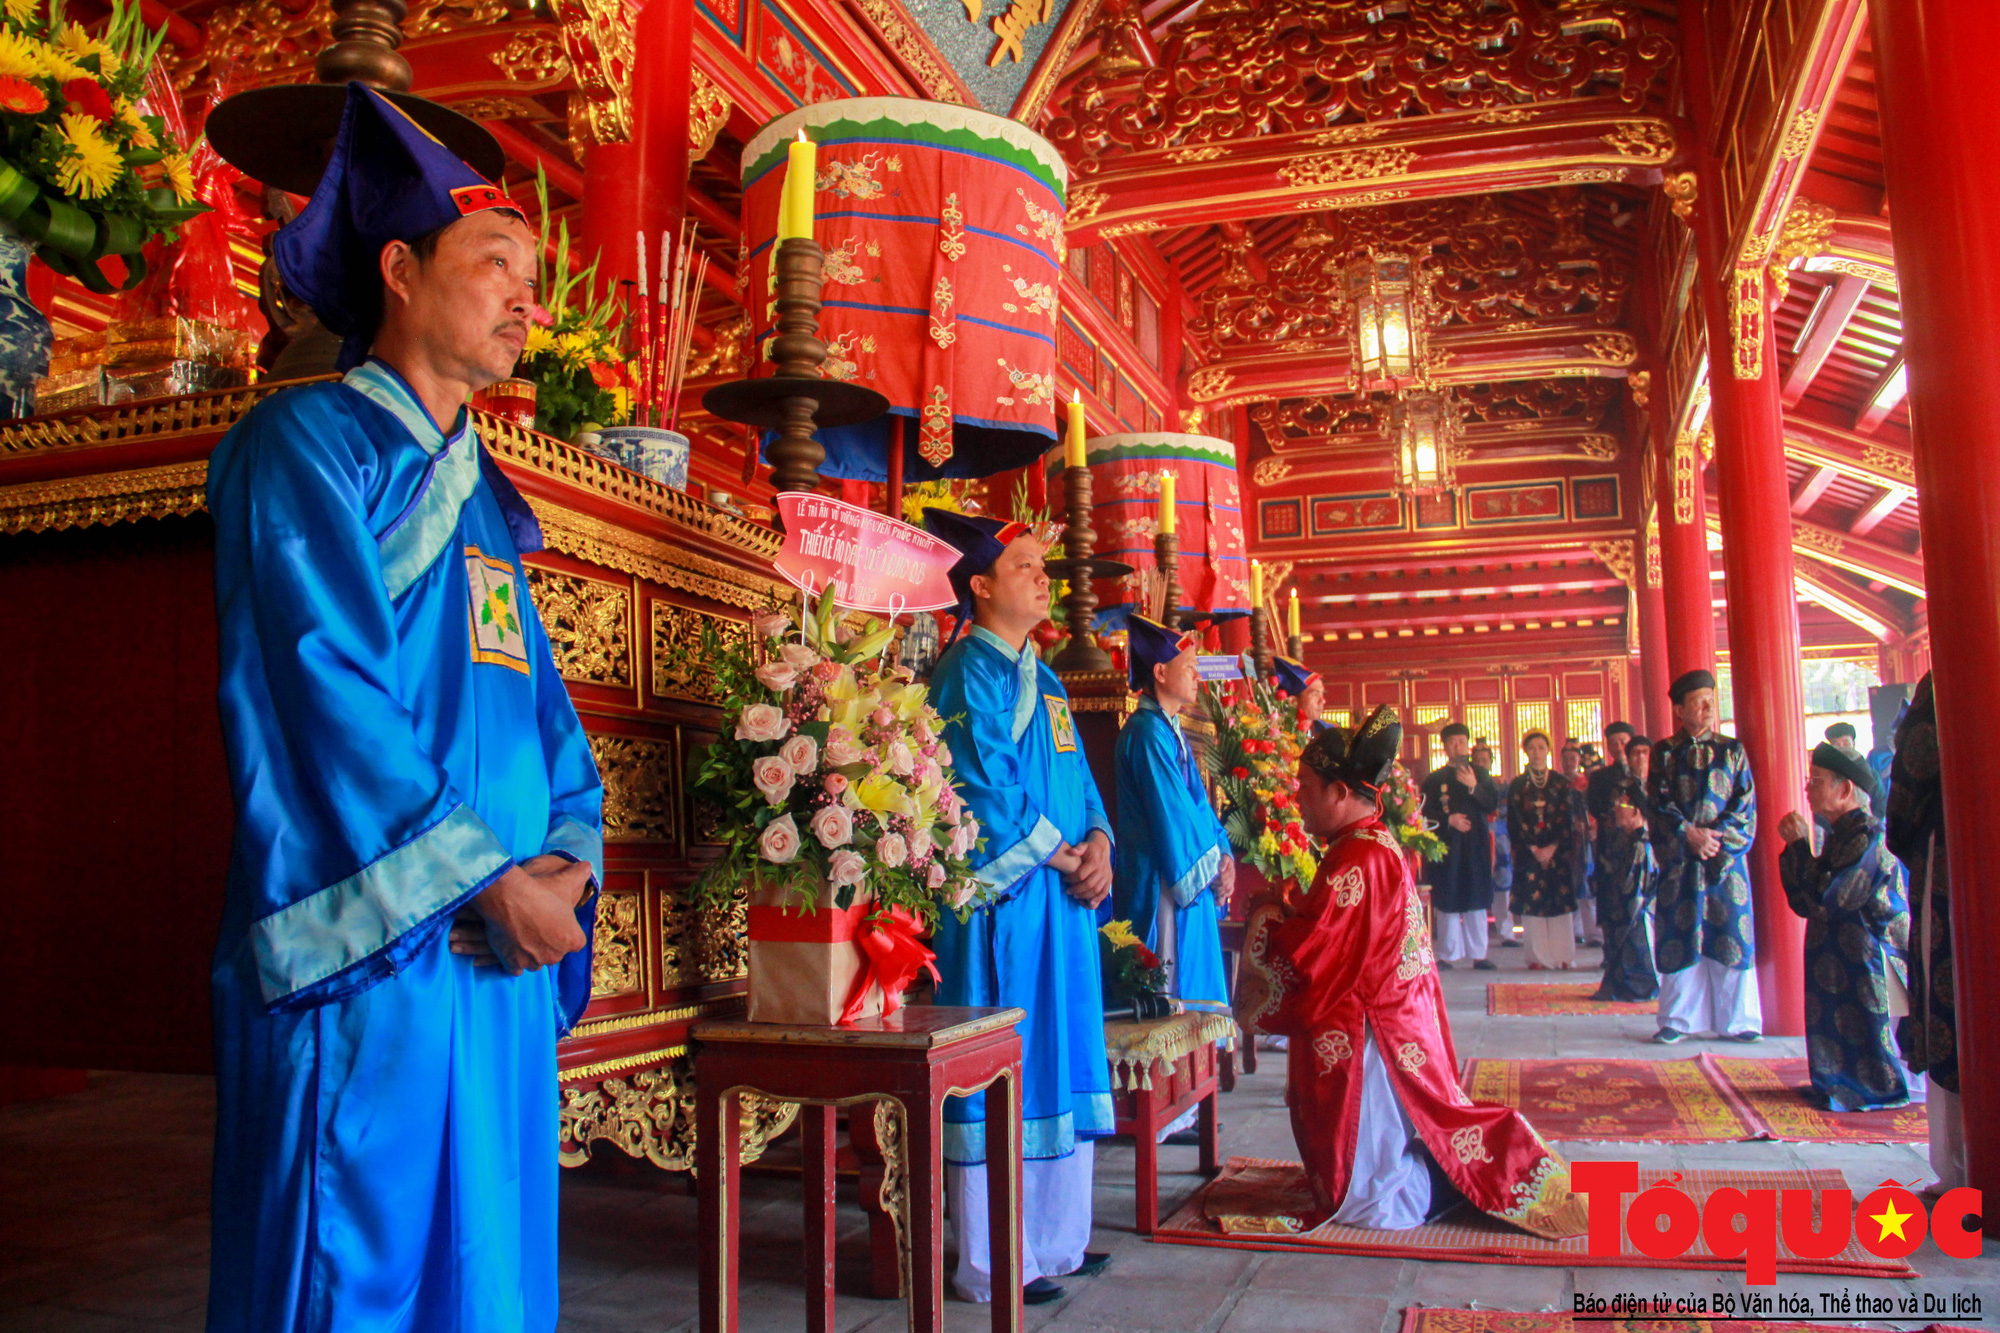 Hàng trăm tà áo dài diễu hành trên phố tri ân chúa Nguyễn Phúc Khoát - Ảnh 13.